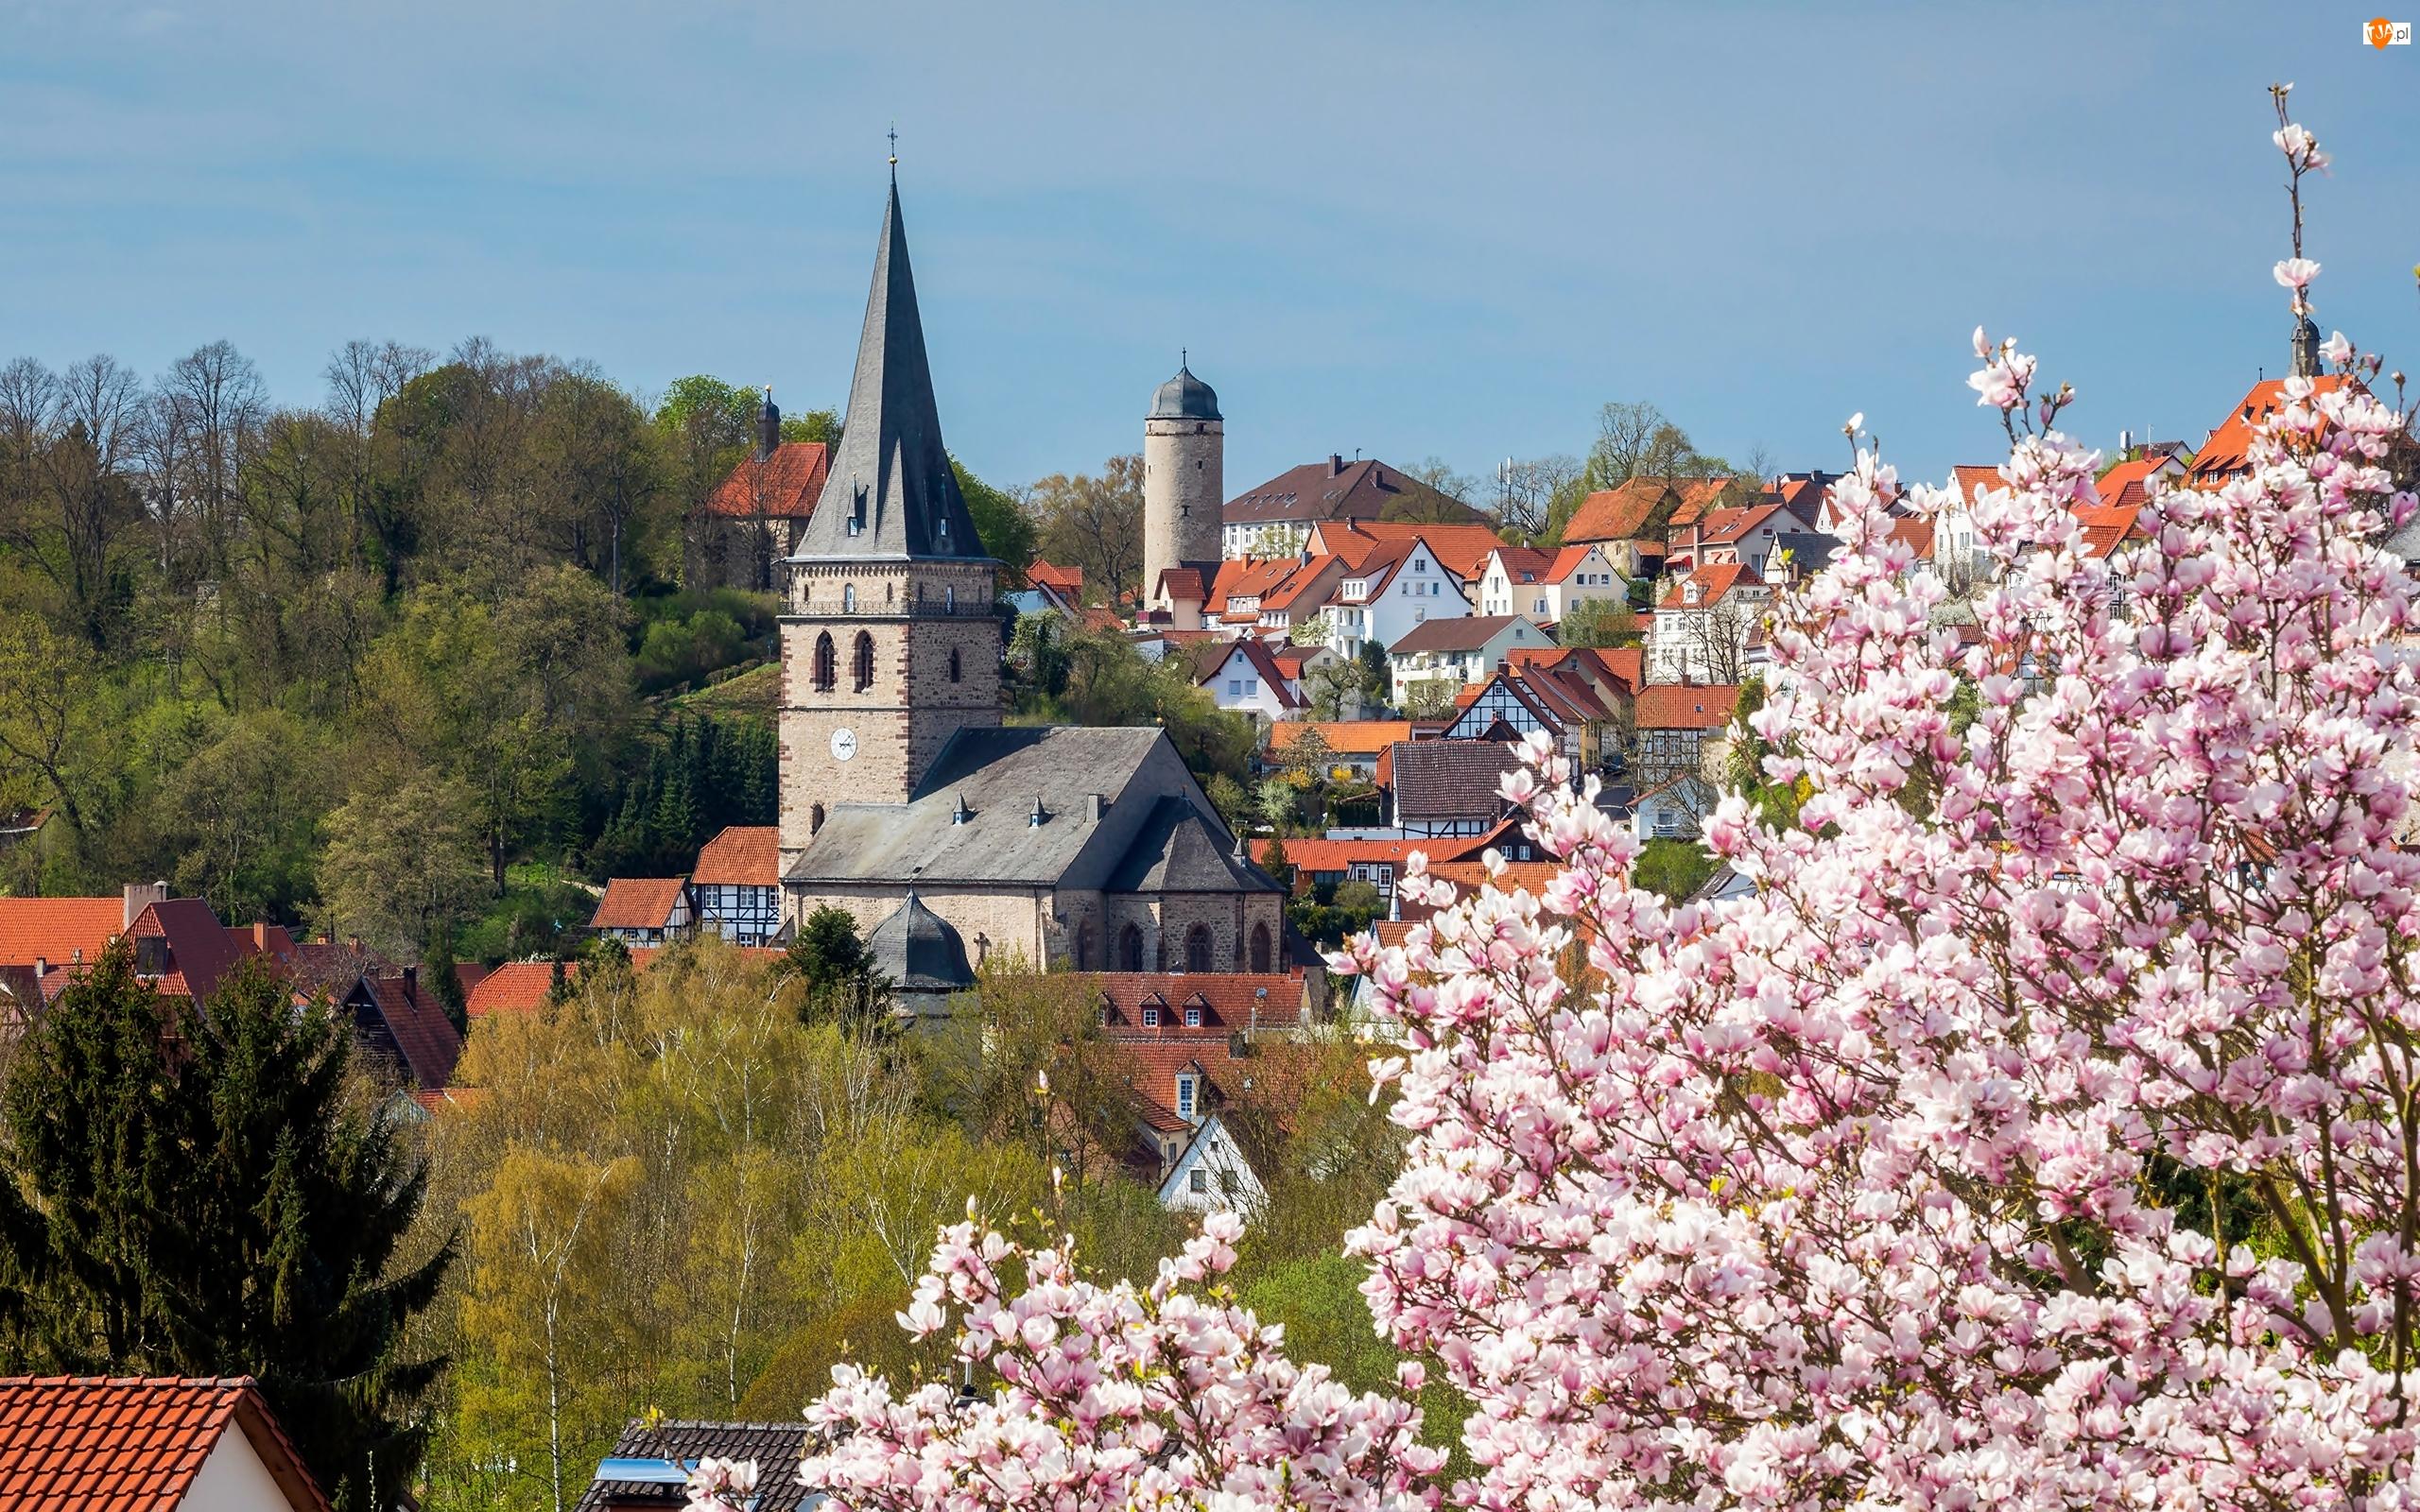 Wiosna, Nadrenia Północna-Westfalia, Drzewa, Kościół, Domy, Miasto Warburg, Kwitnąca, Niemcy, Magnolia